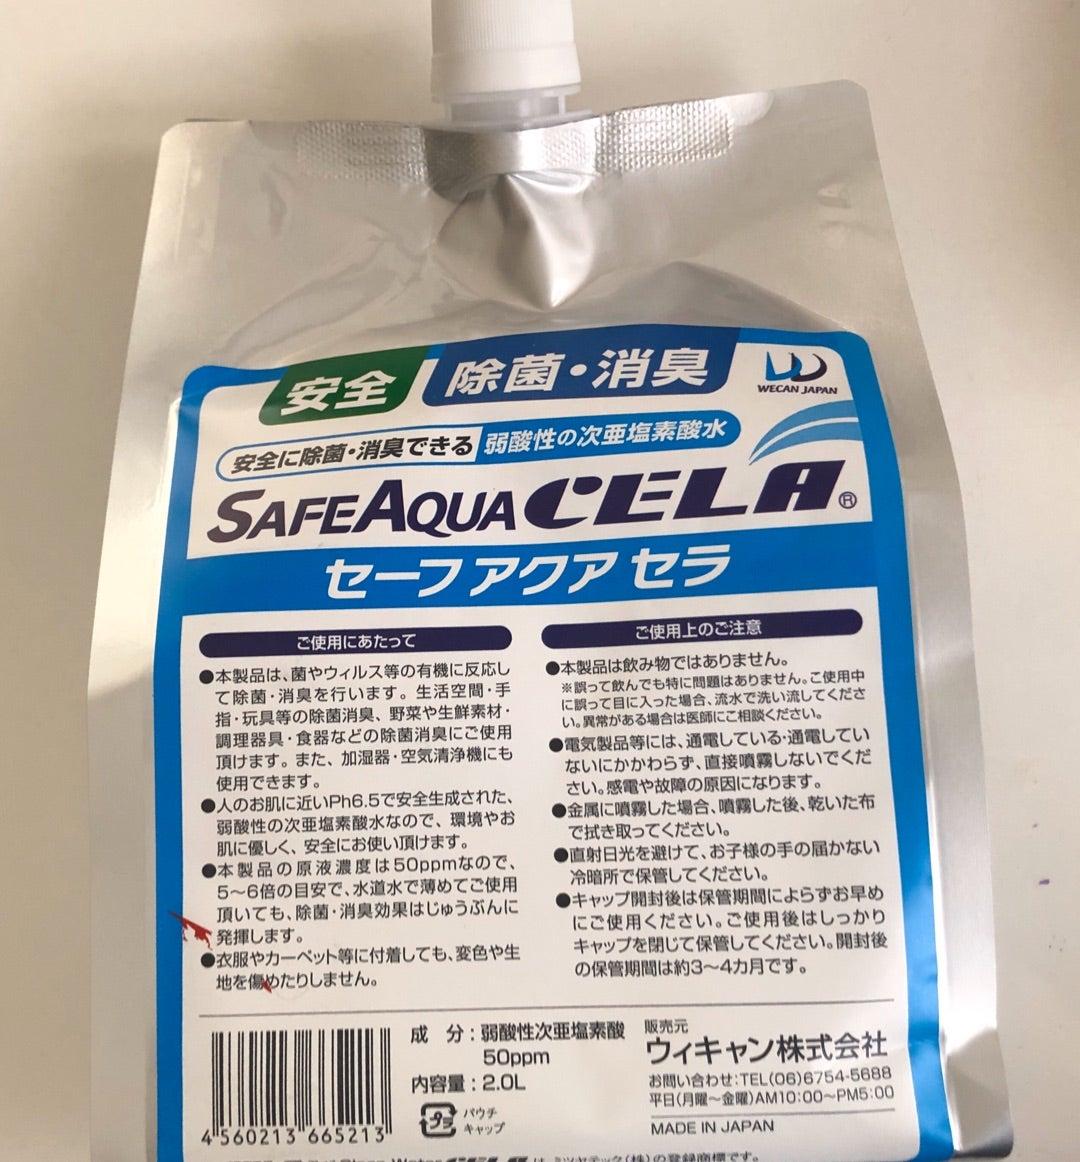 塩素 酸 水 次 亜